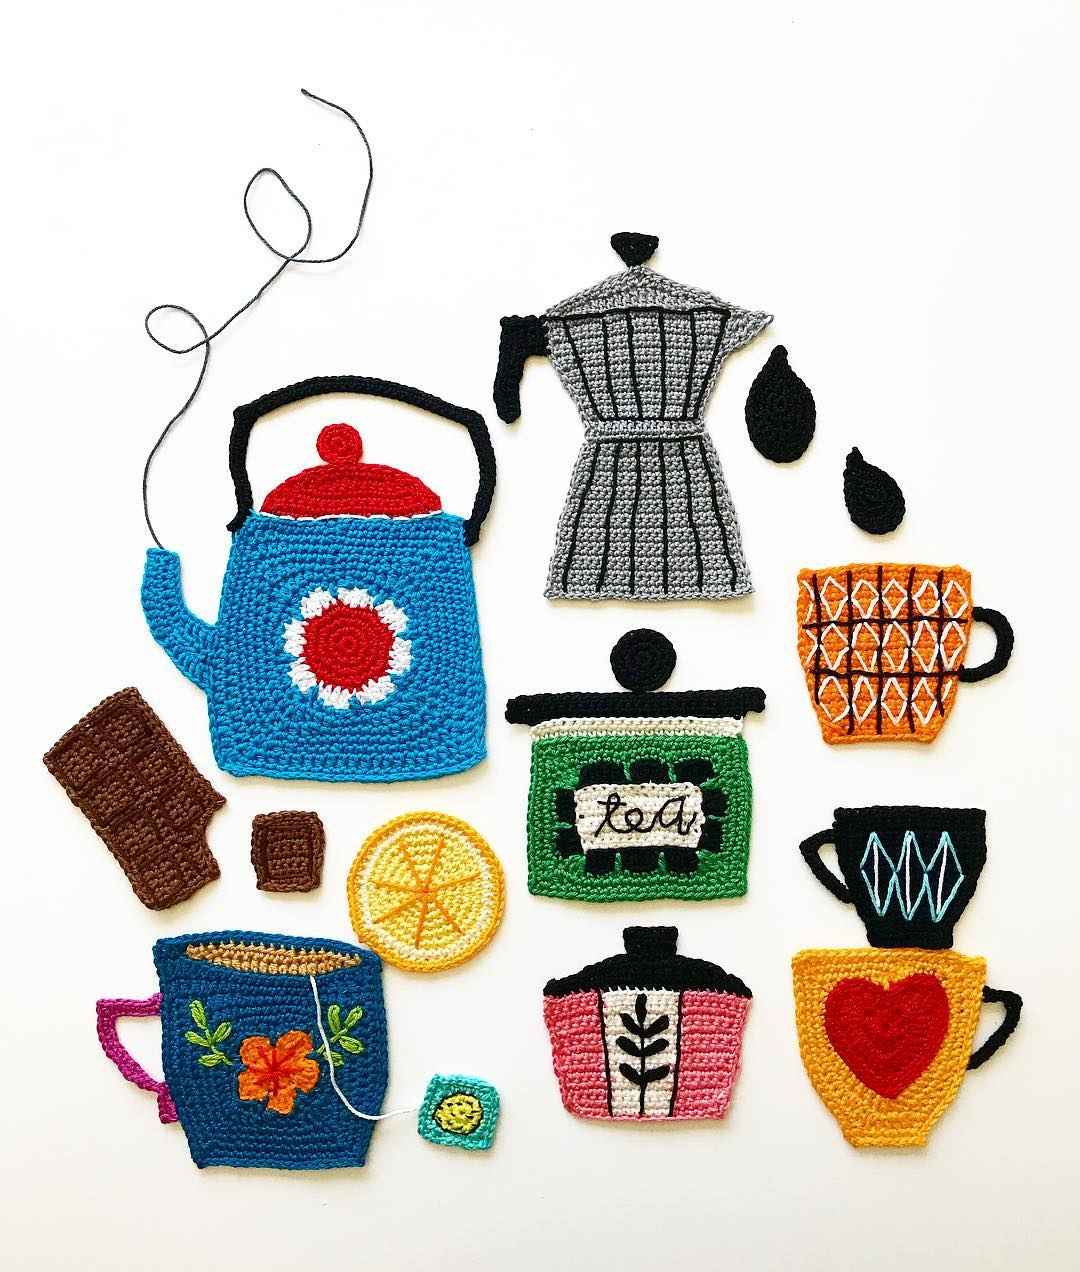 tuija-heikkinen-crochet-illustrations-5